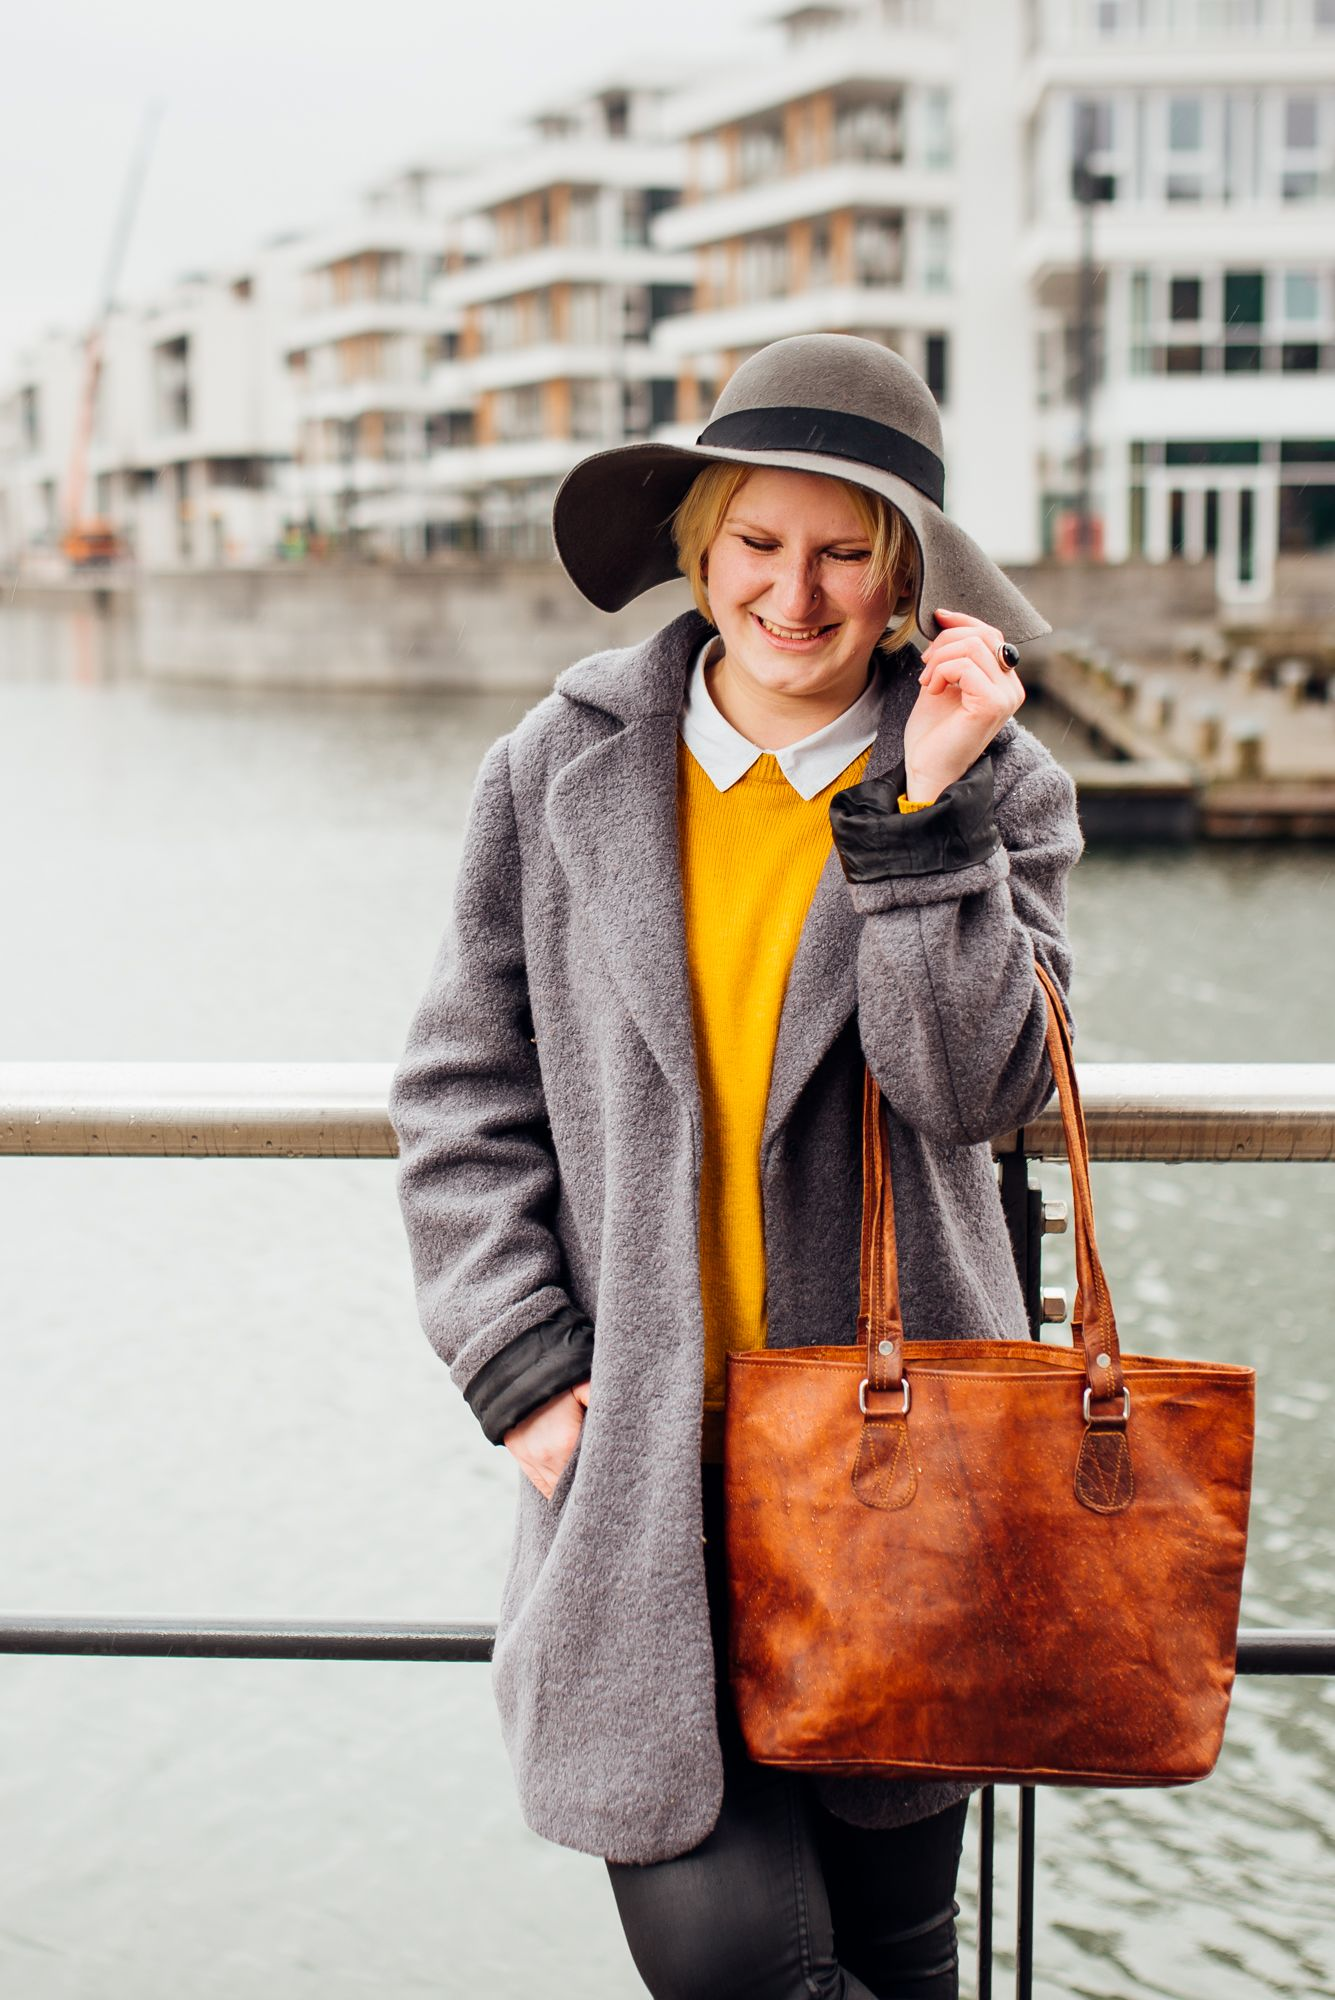 """Für den Shoppingtag erweist sich """"Therese"""" als die perfekte Begleiterin für unterwegs. Im angesagten College-Vintage-Style ist sie ein wahrer Blickfang in der Shoppingmeile. - Lederhandshopper - Shopper - Vintage-Look - Gusti Leder - H14"""